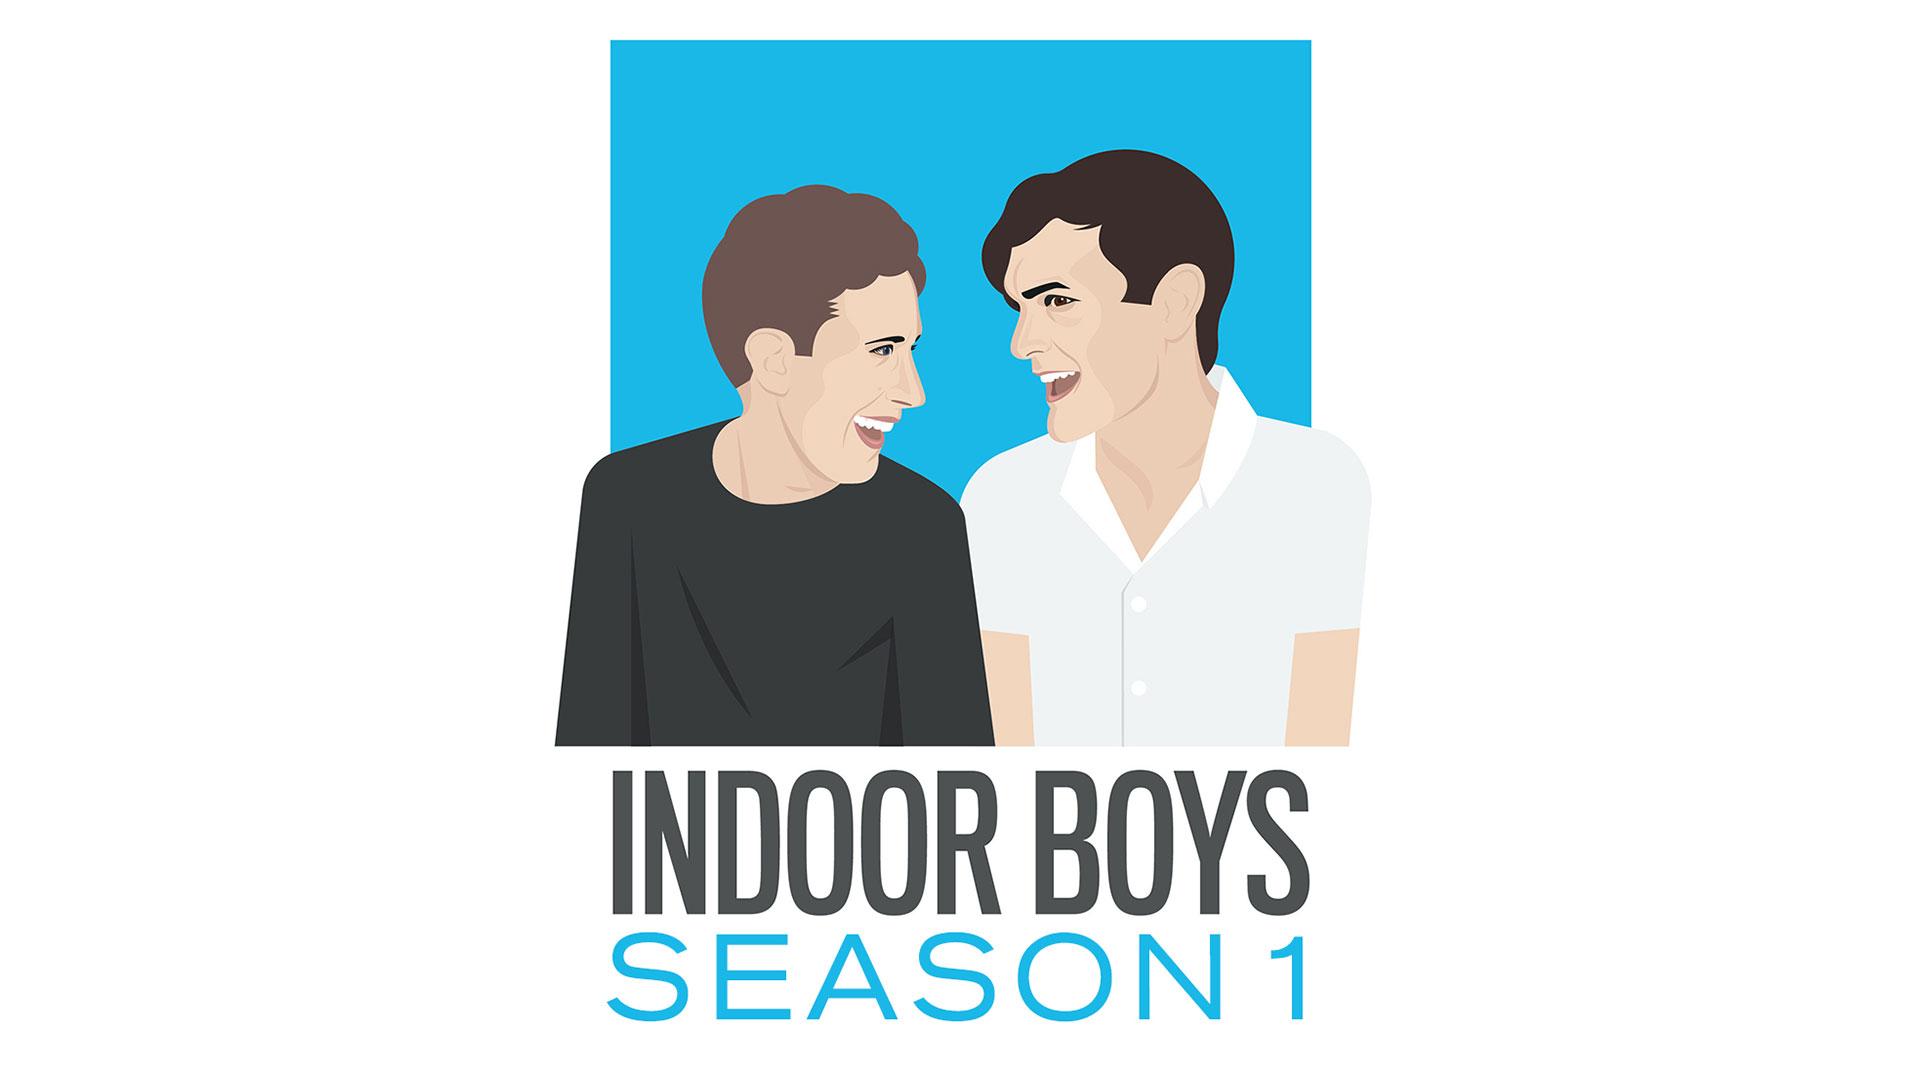 Indoor Boys: Season 1